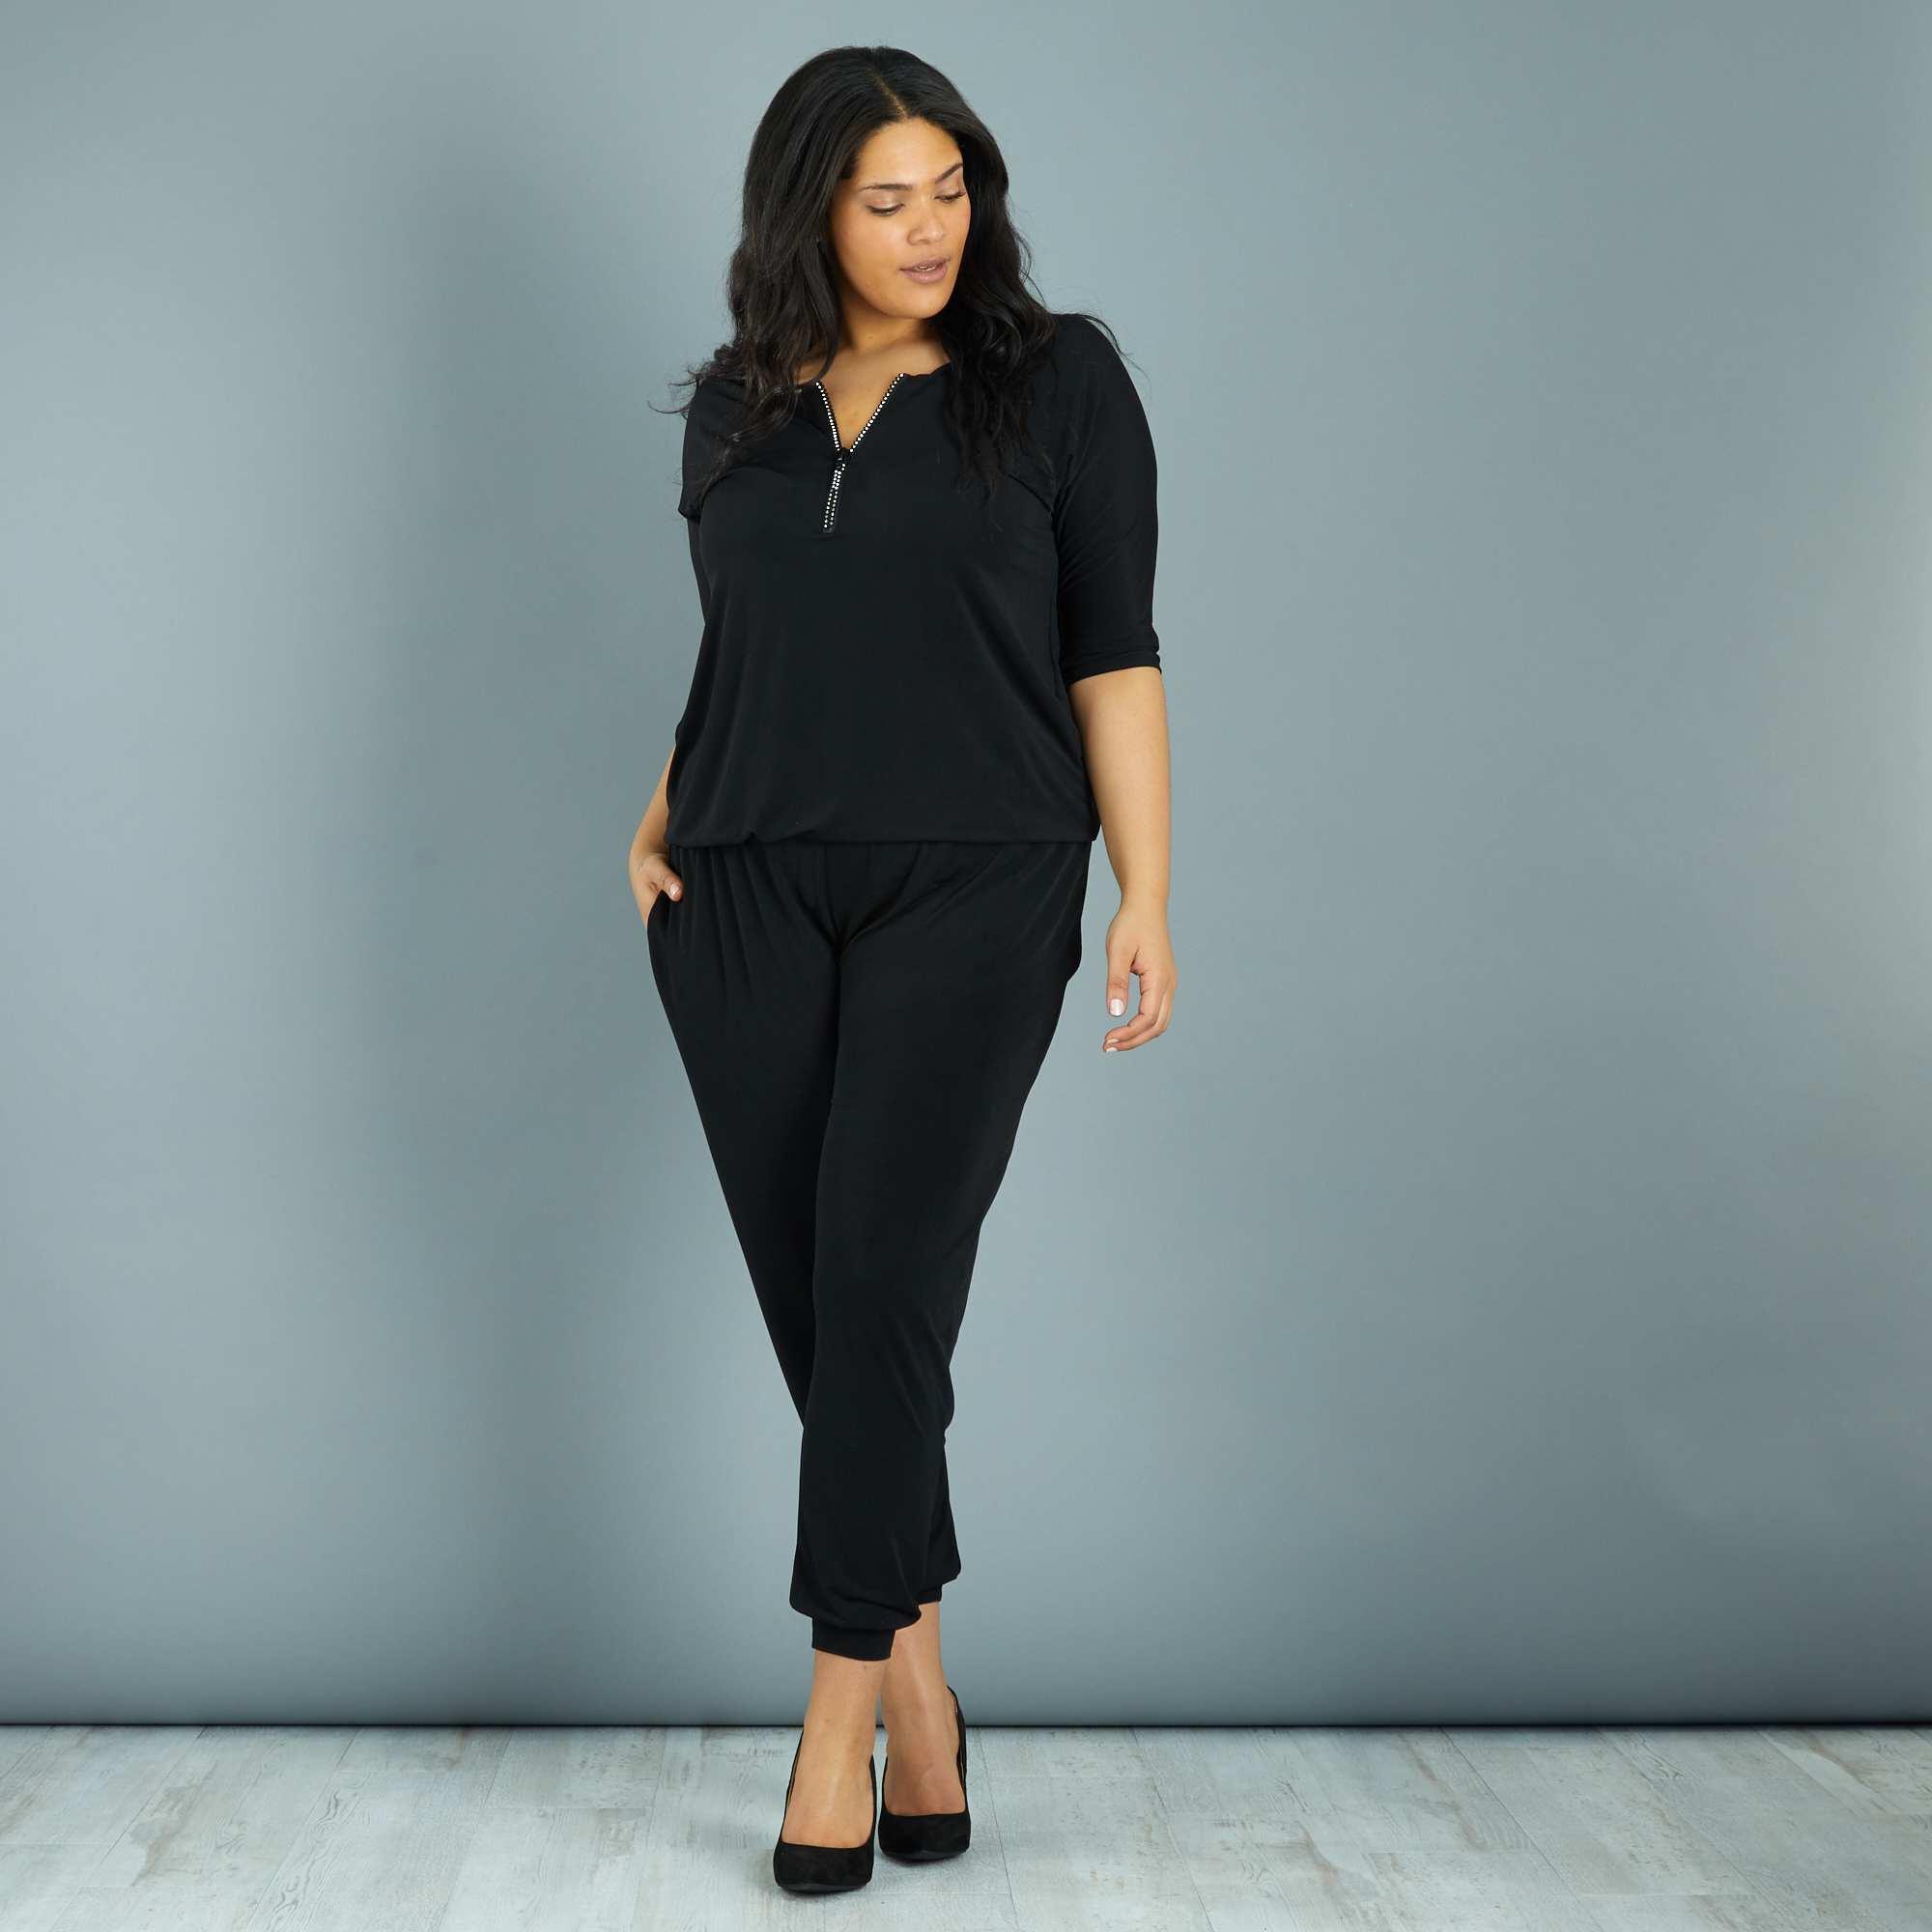 e643305a70a593 Combinaison pantalon encolure zippée à strass Grande taille femme ...